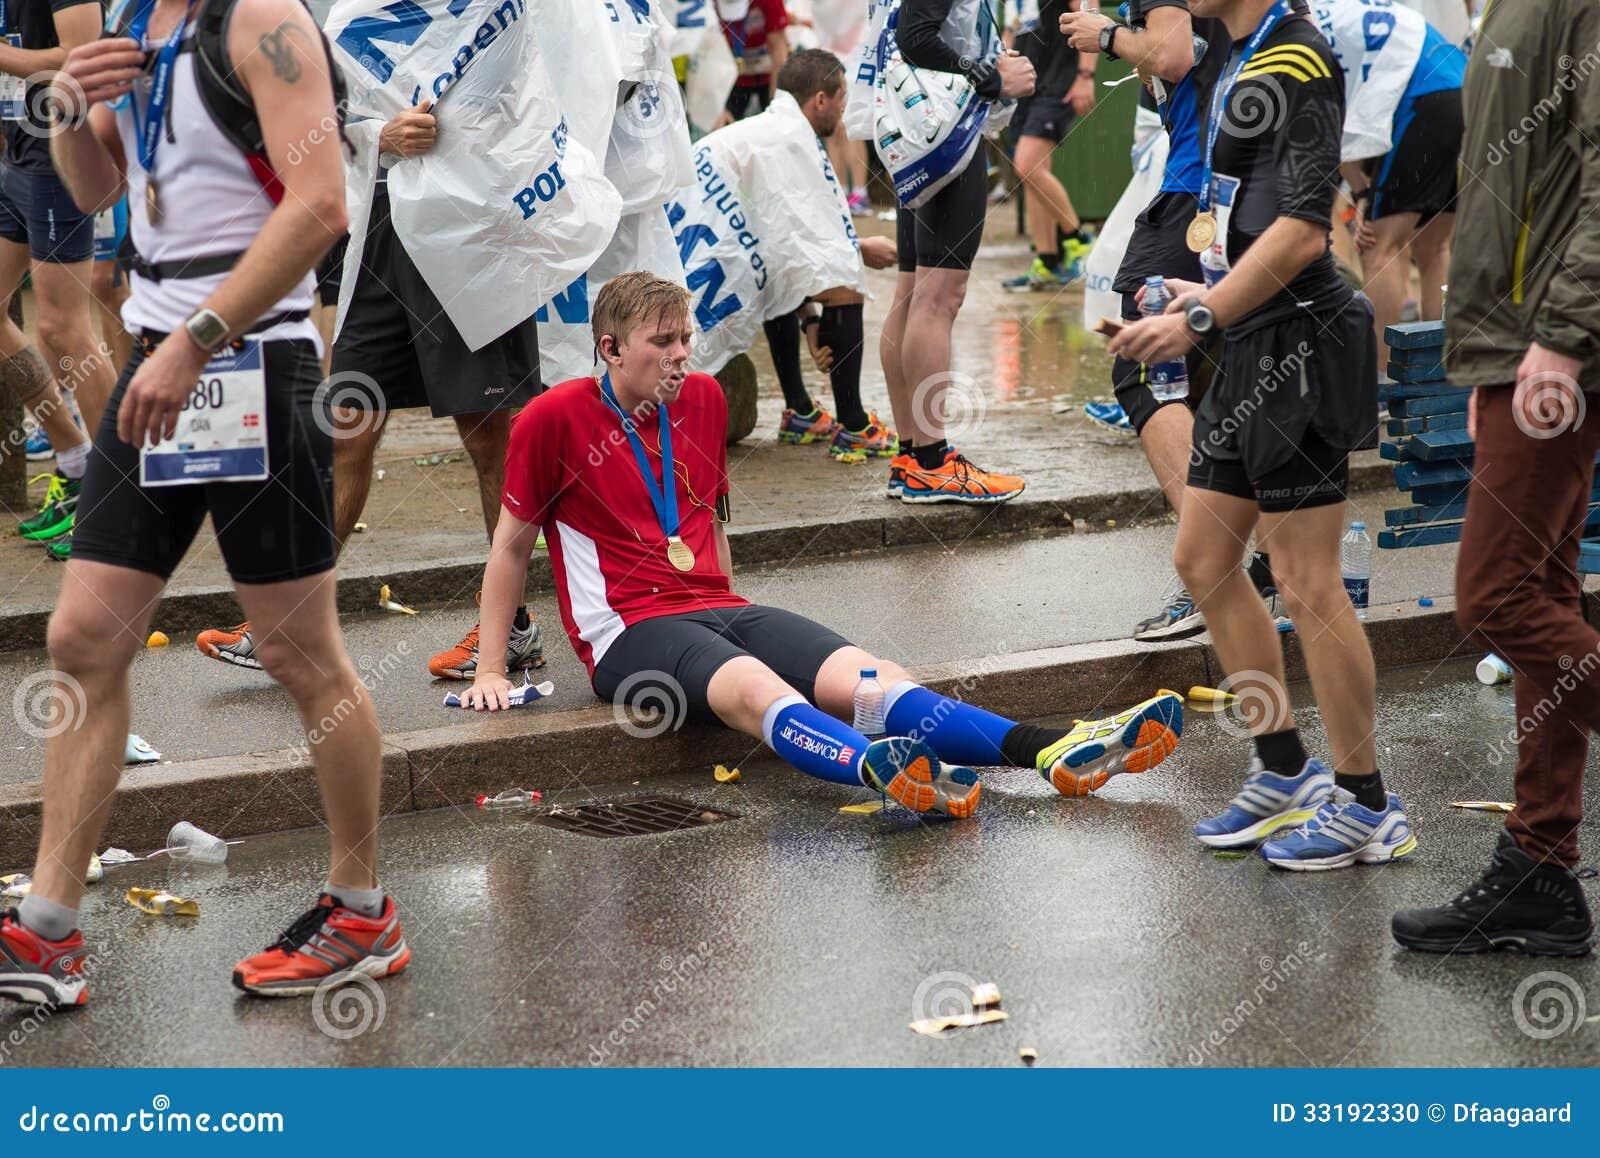 Copenhagen Marathon 2013 Editorial Image - Image: 33192330